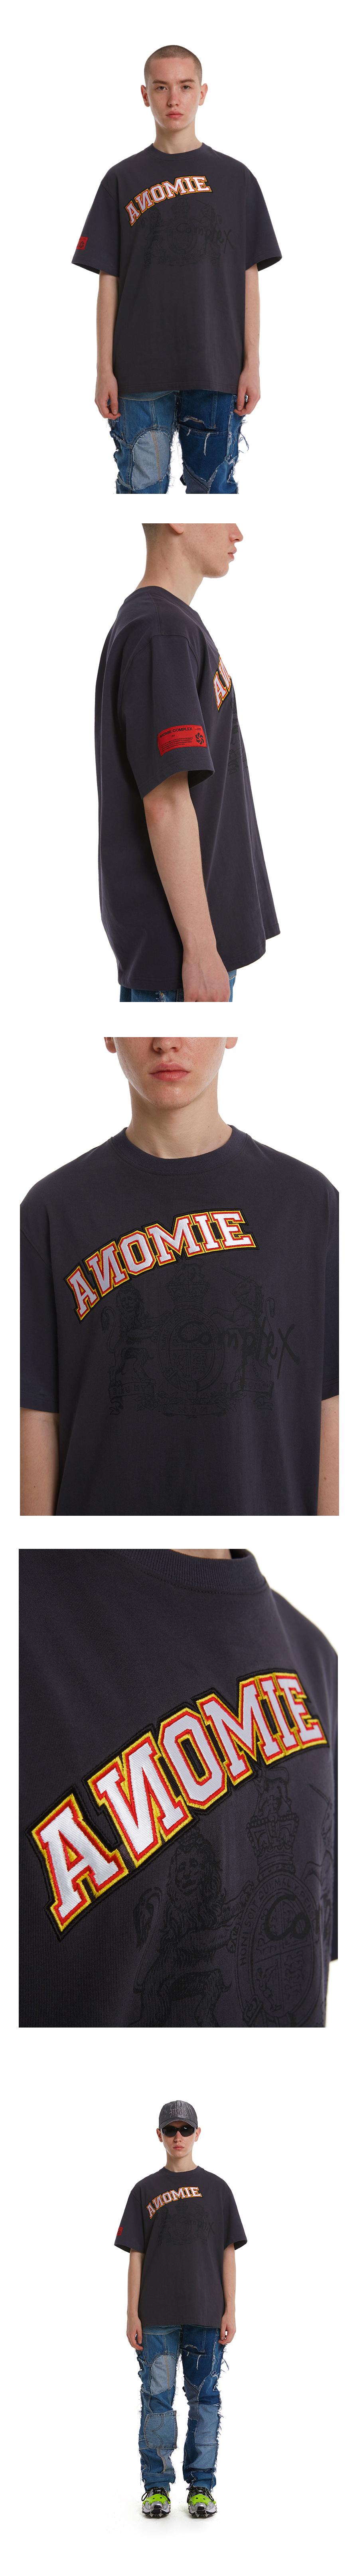 아노미컴플렉스(ANOMIE COMPLEX) 스핀 엠브로이더리 1/2 티셔츠(차콜)